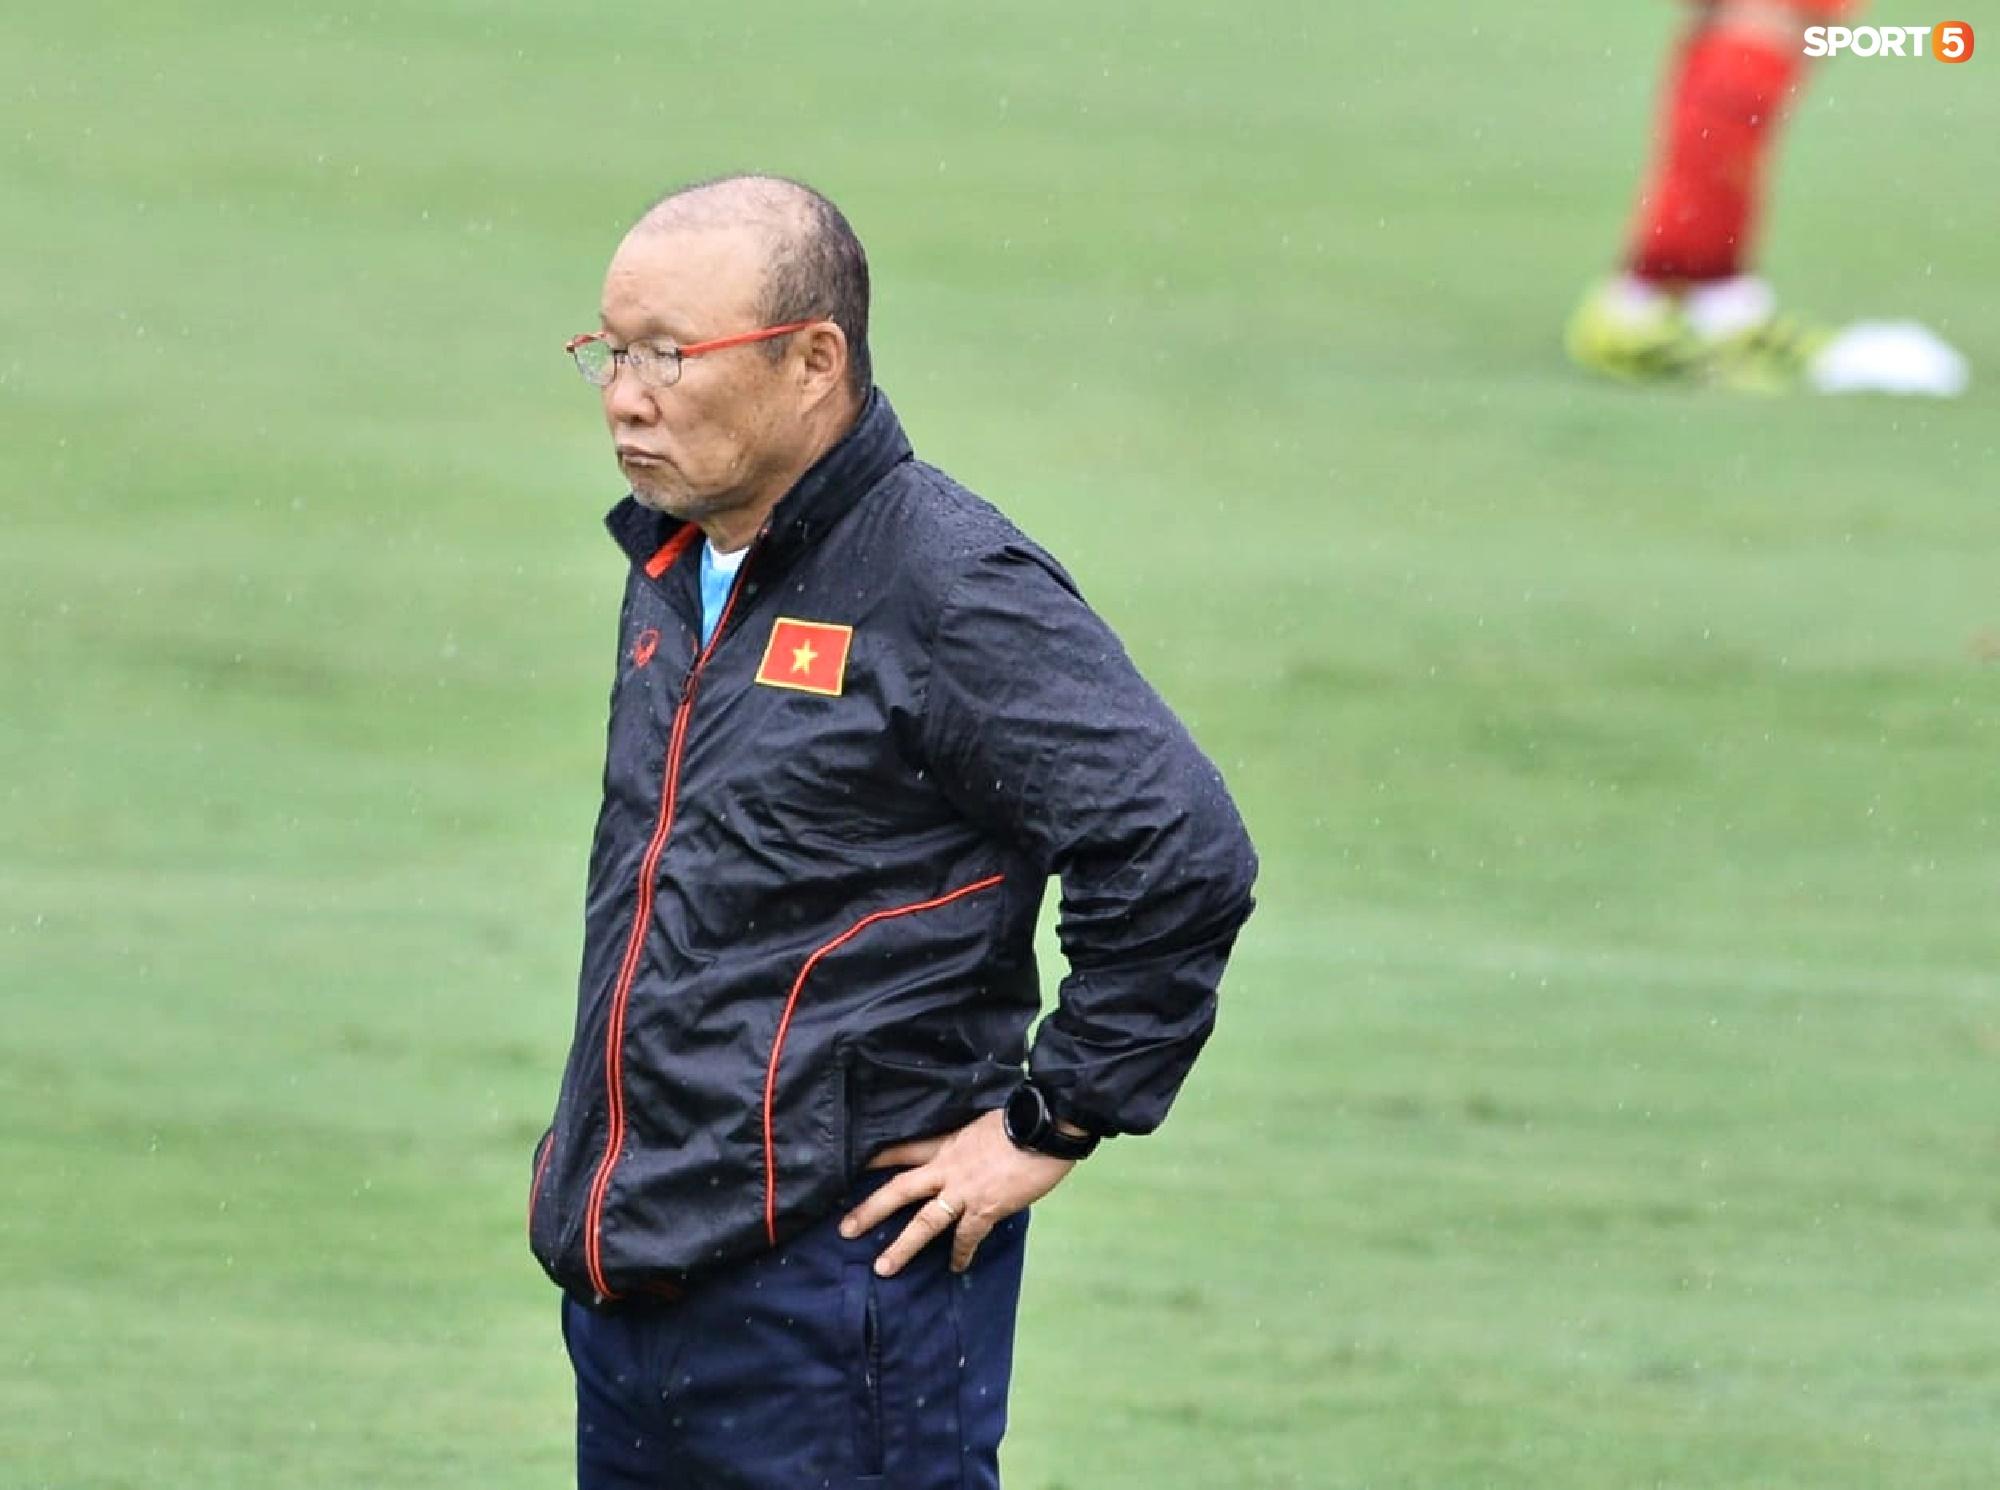 Chuyên gia 9x của CLB Hà Nội bất ngờ thị sát đội tuyển Việt Nam tập luyện - Ảnh 6.